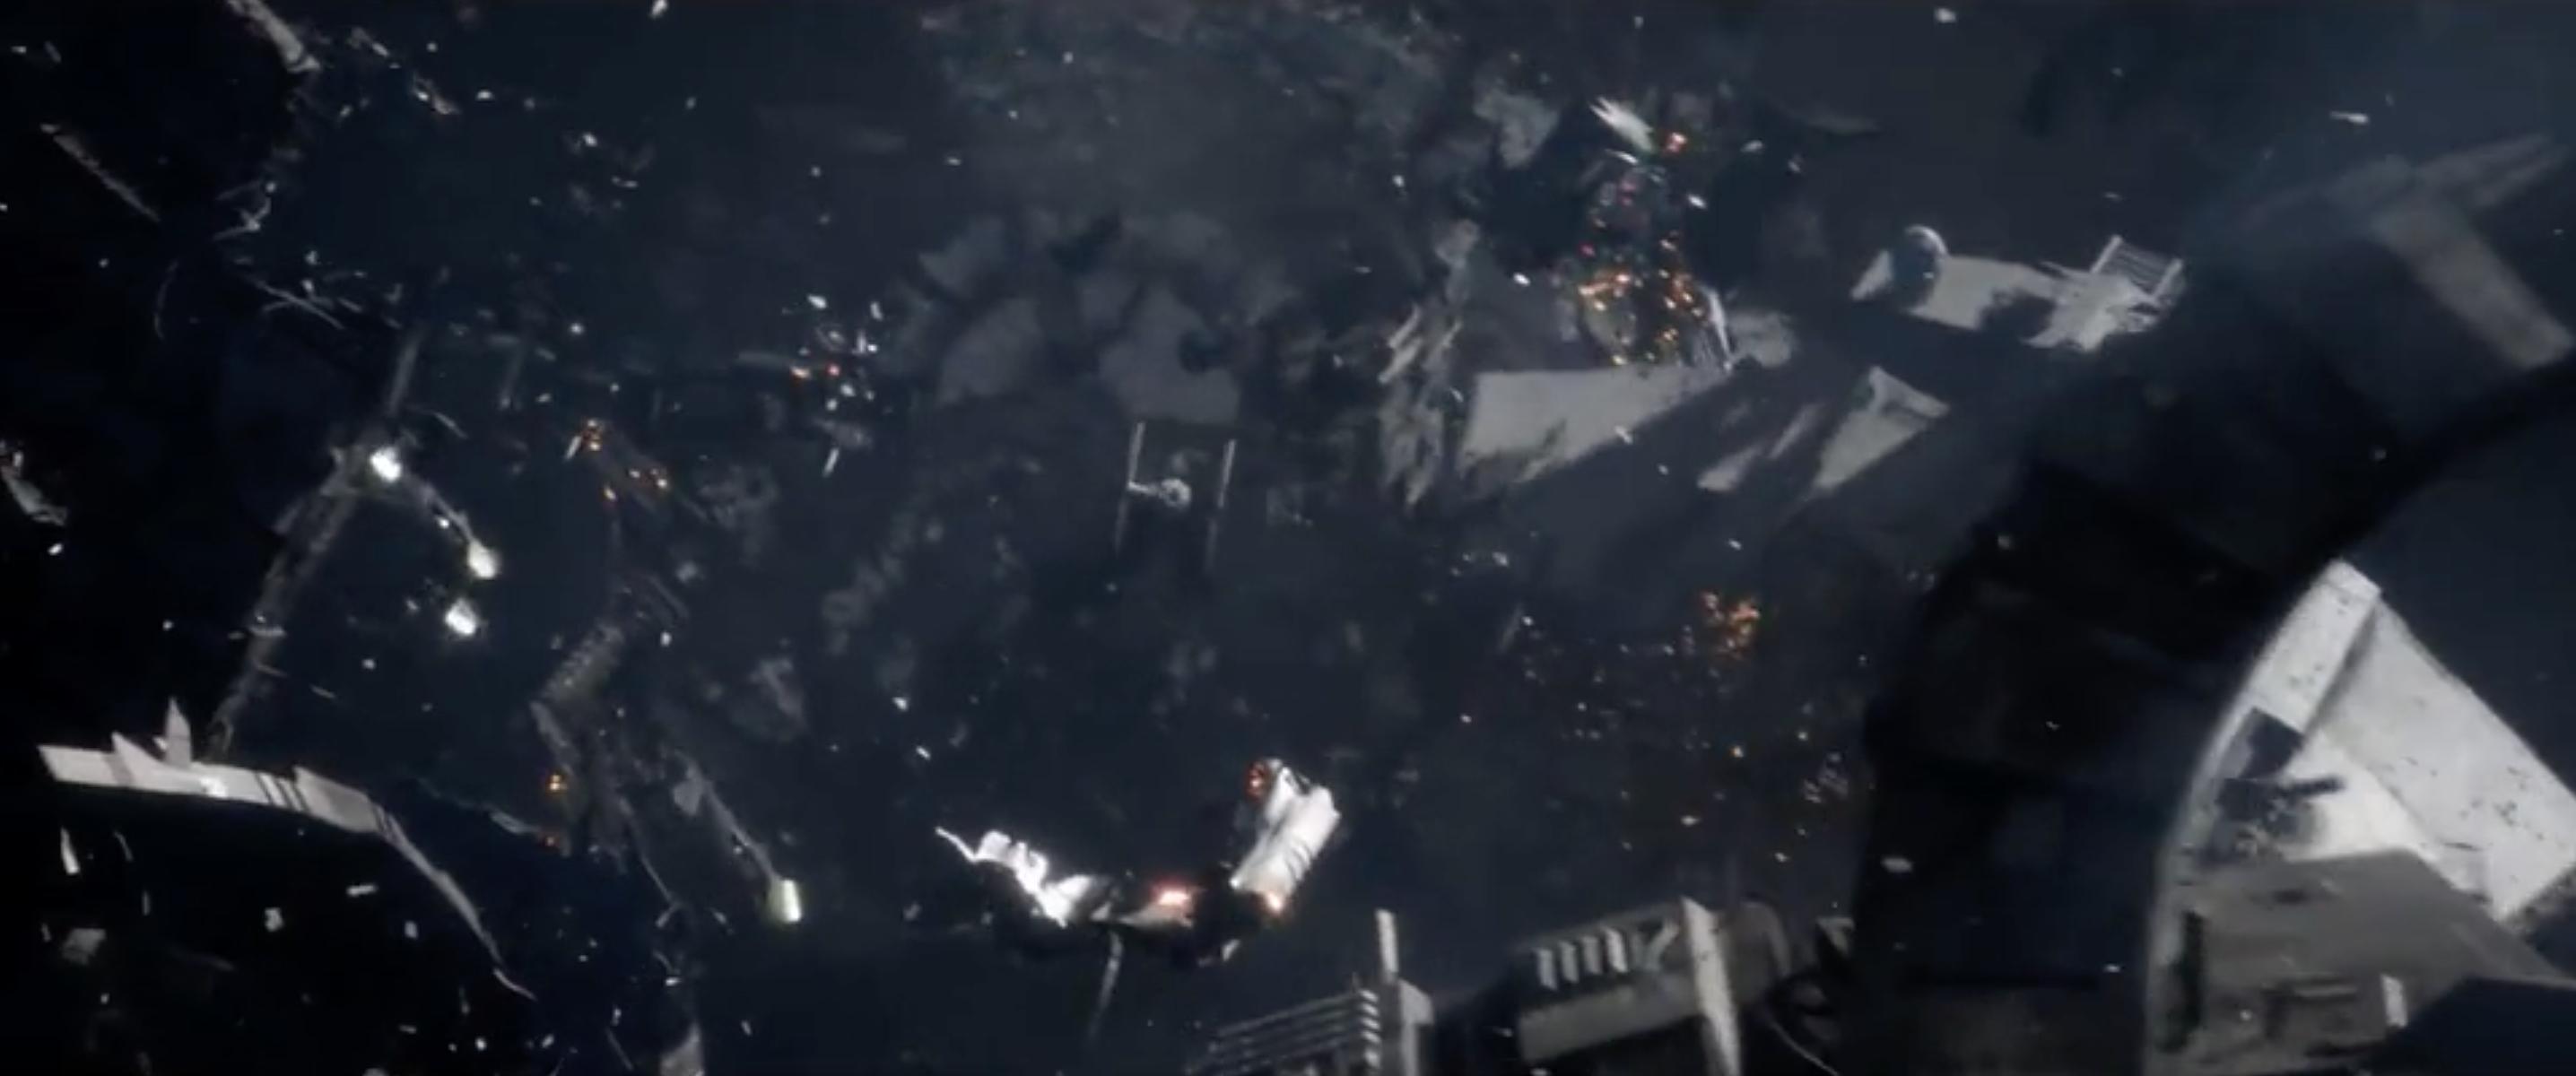 Star Wars: Battlefront 2 zahrne všechny tři éry Star Wars ságy 141949